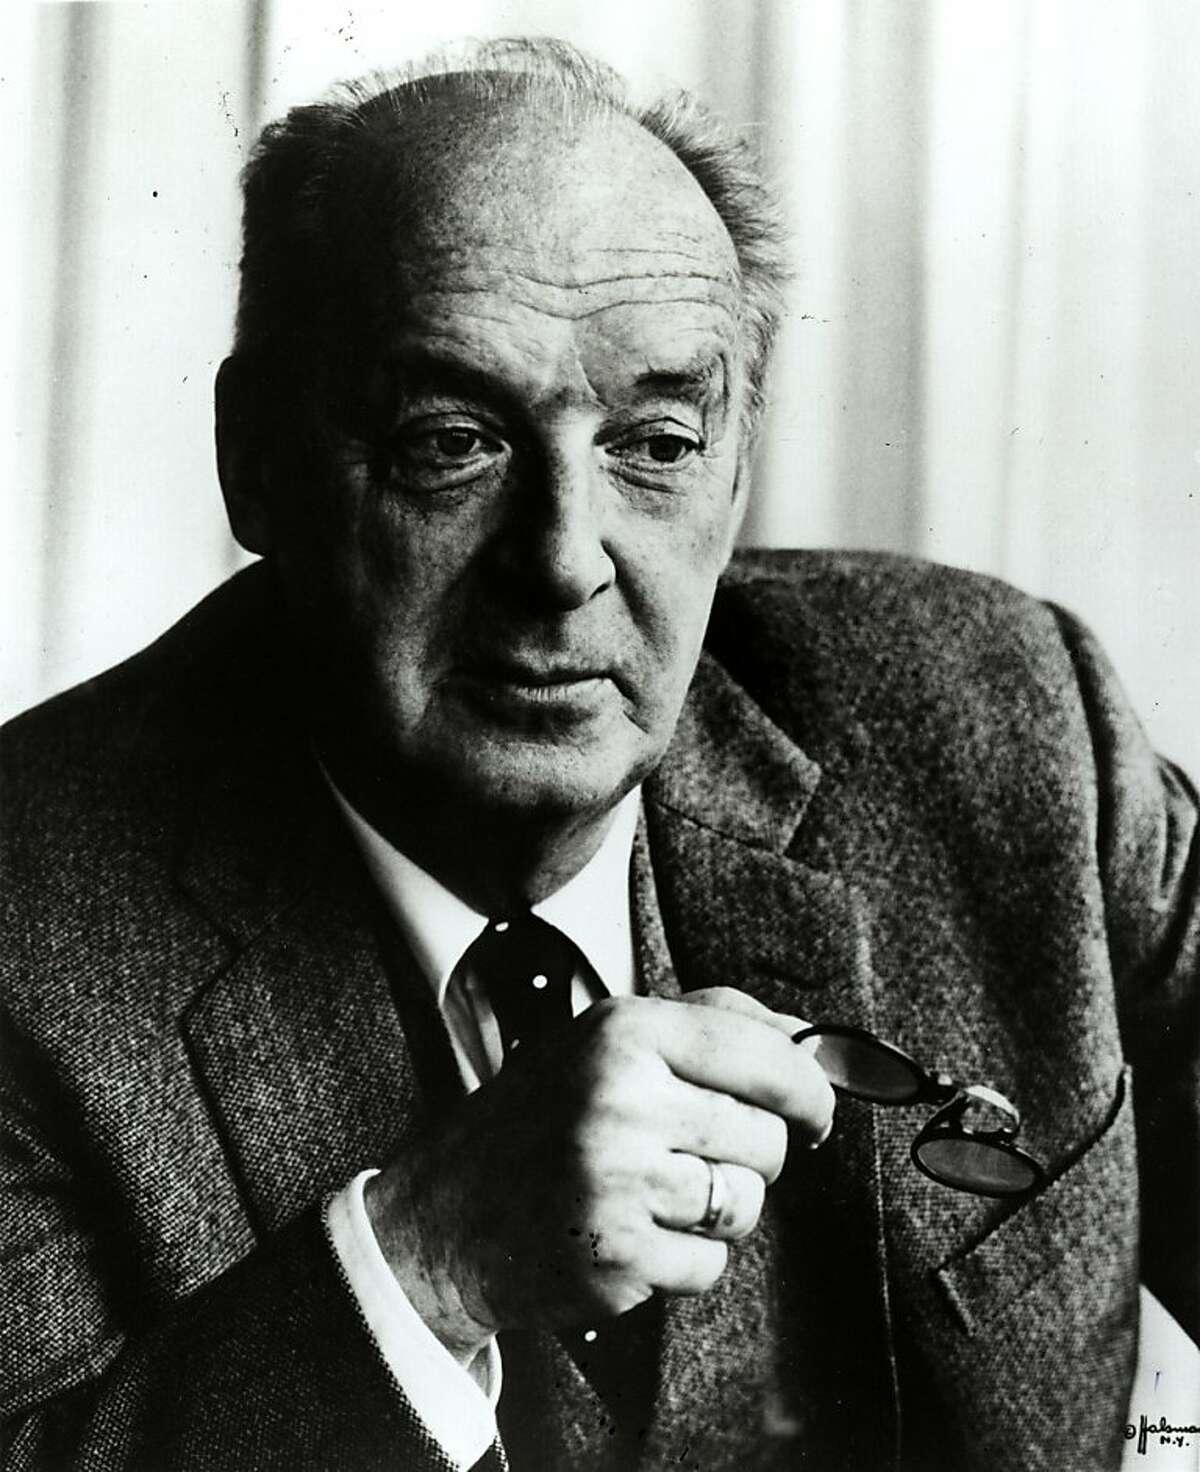 NABAKOV-C-28MAR01-MN-HO Author Vladimir Nabokov in 1979.